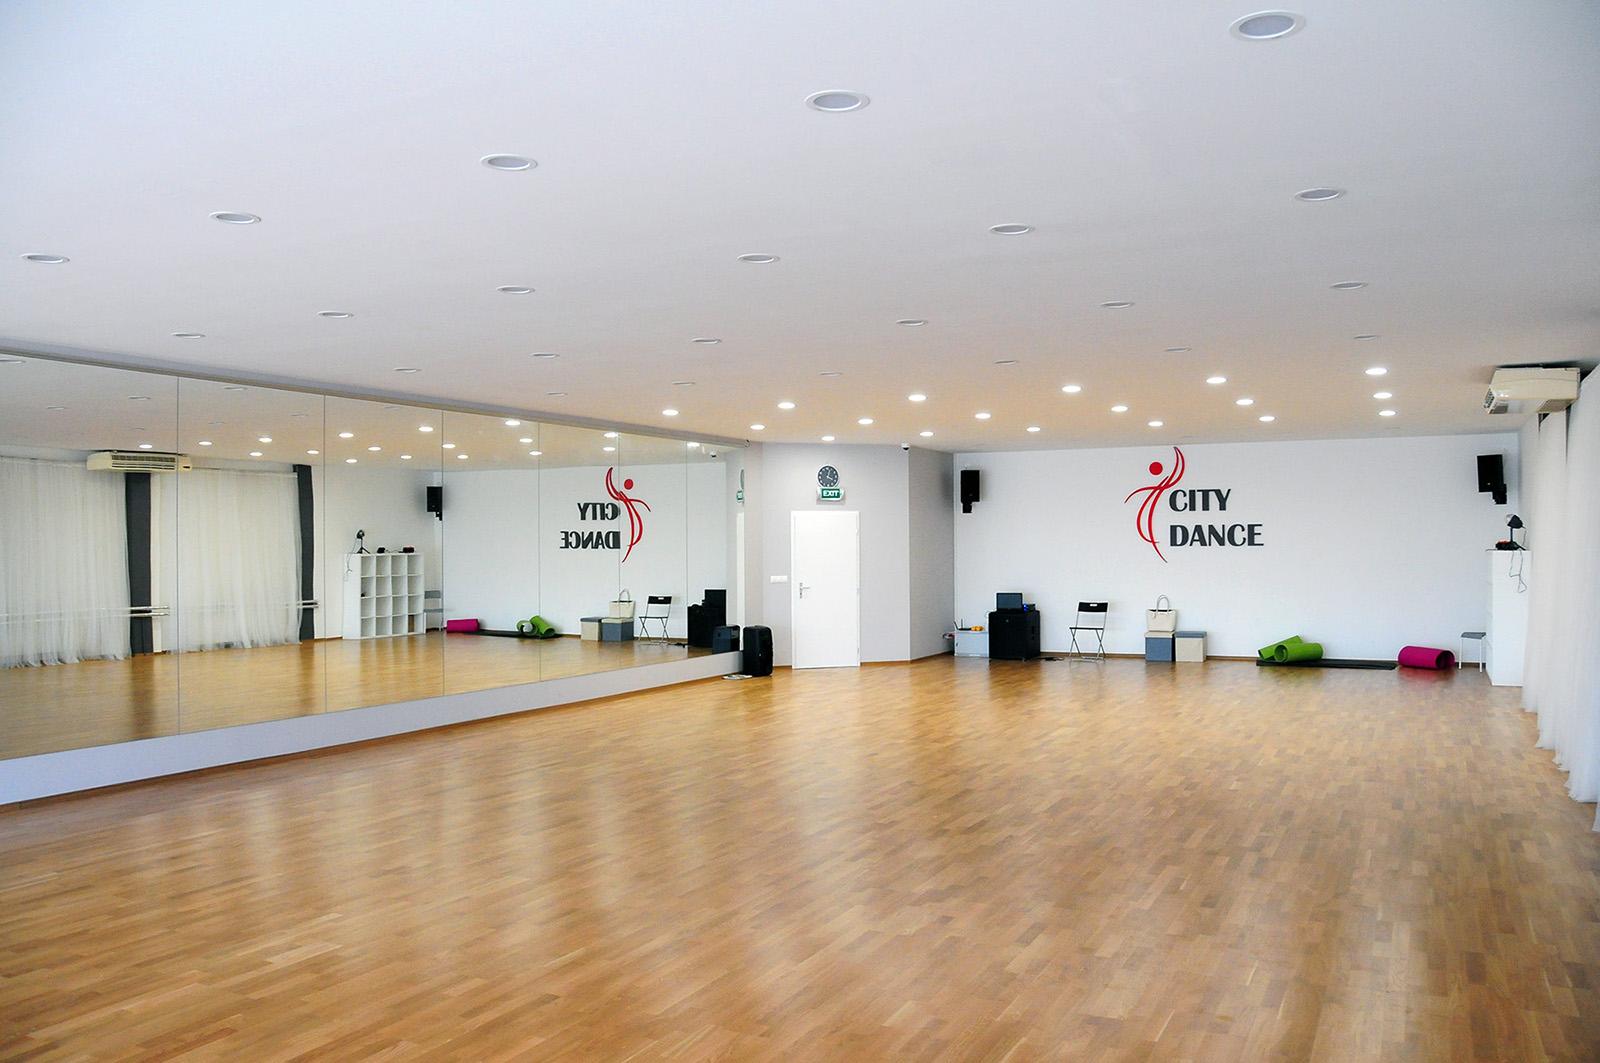 City Dance Veľká sála